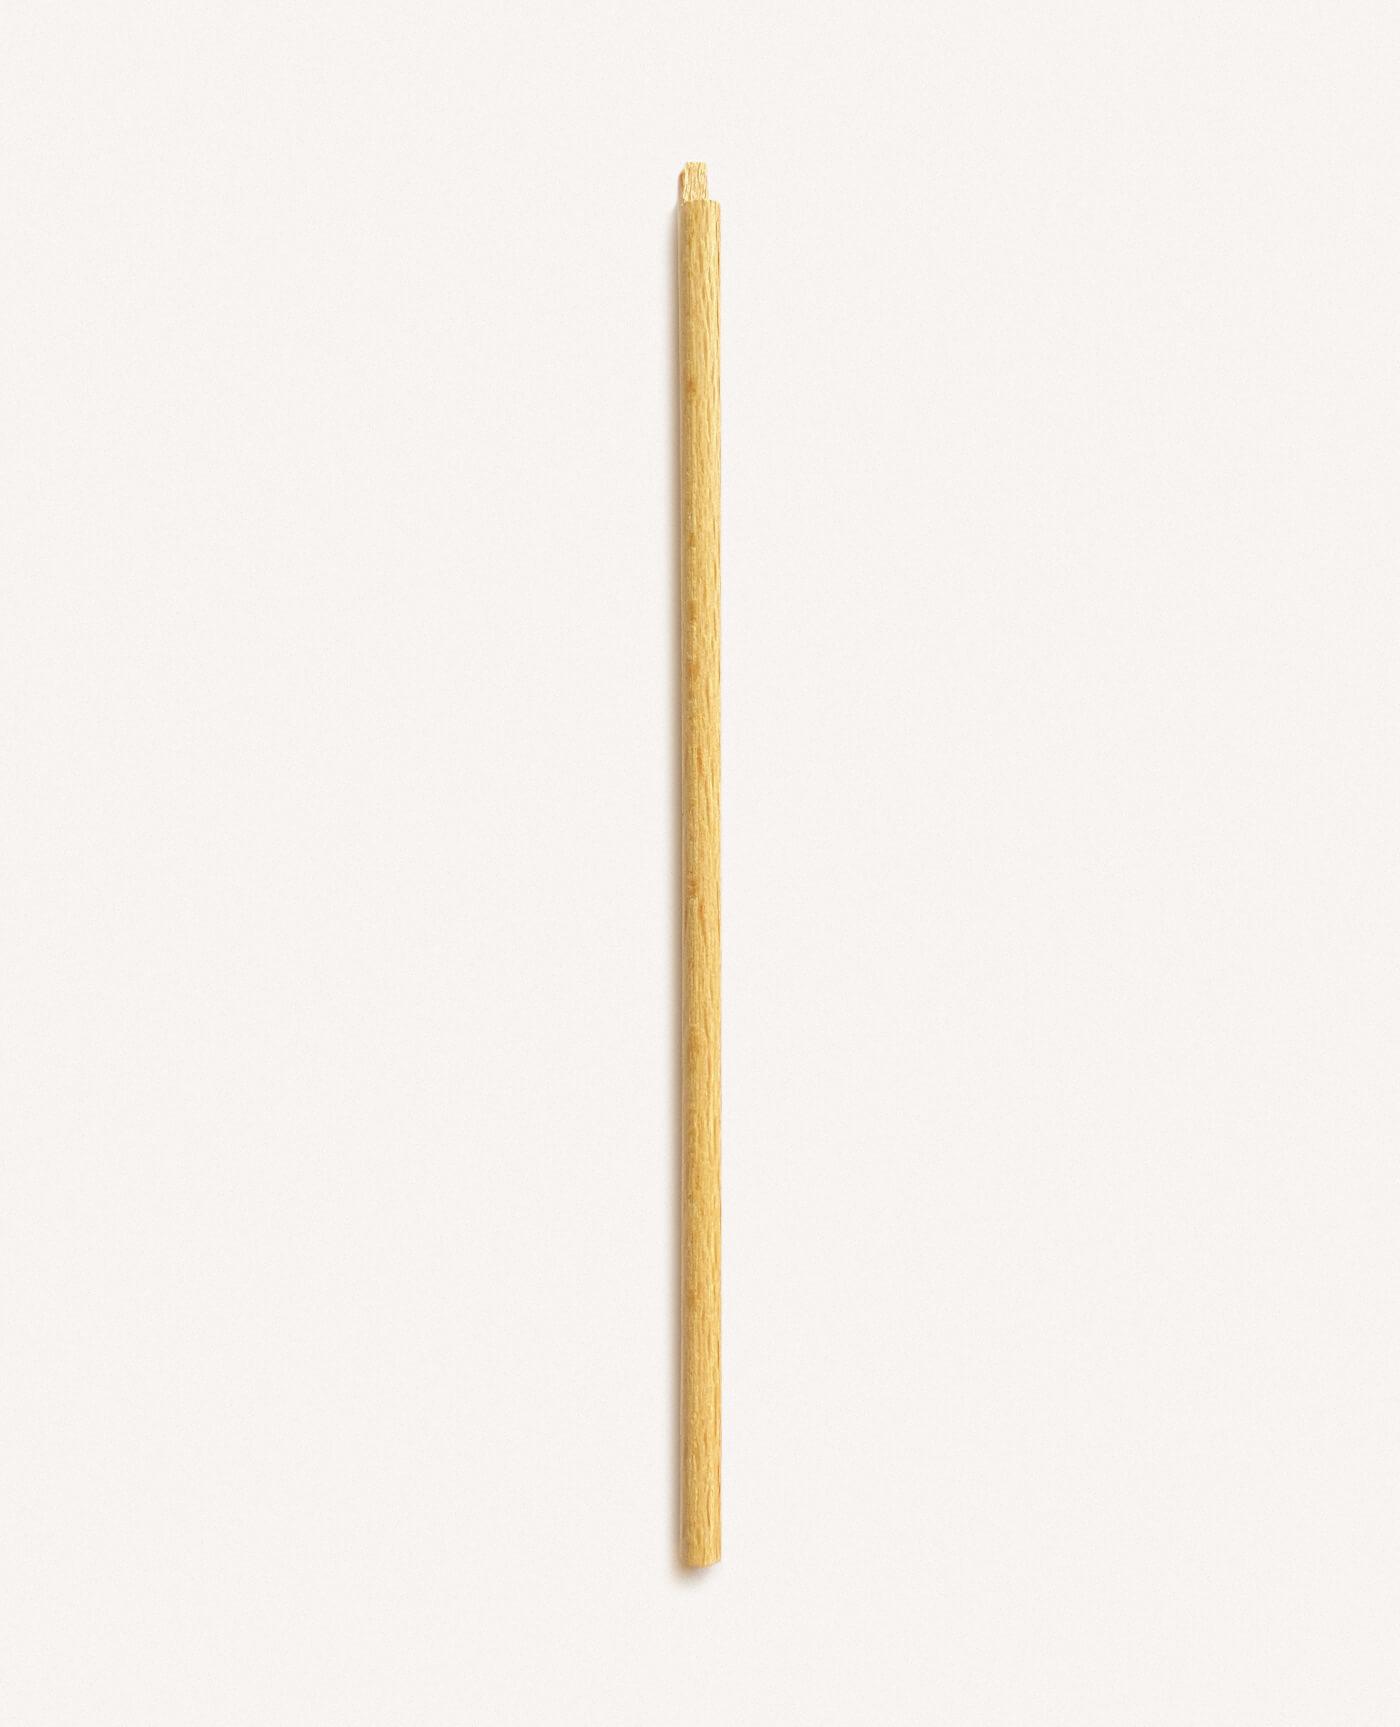 cure oreille en bois de la marque Caliquo, zéro déchet et made in france